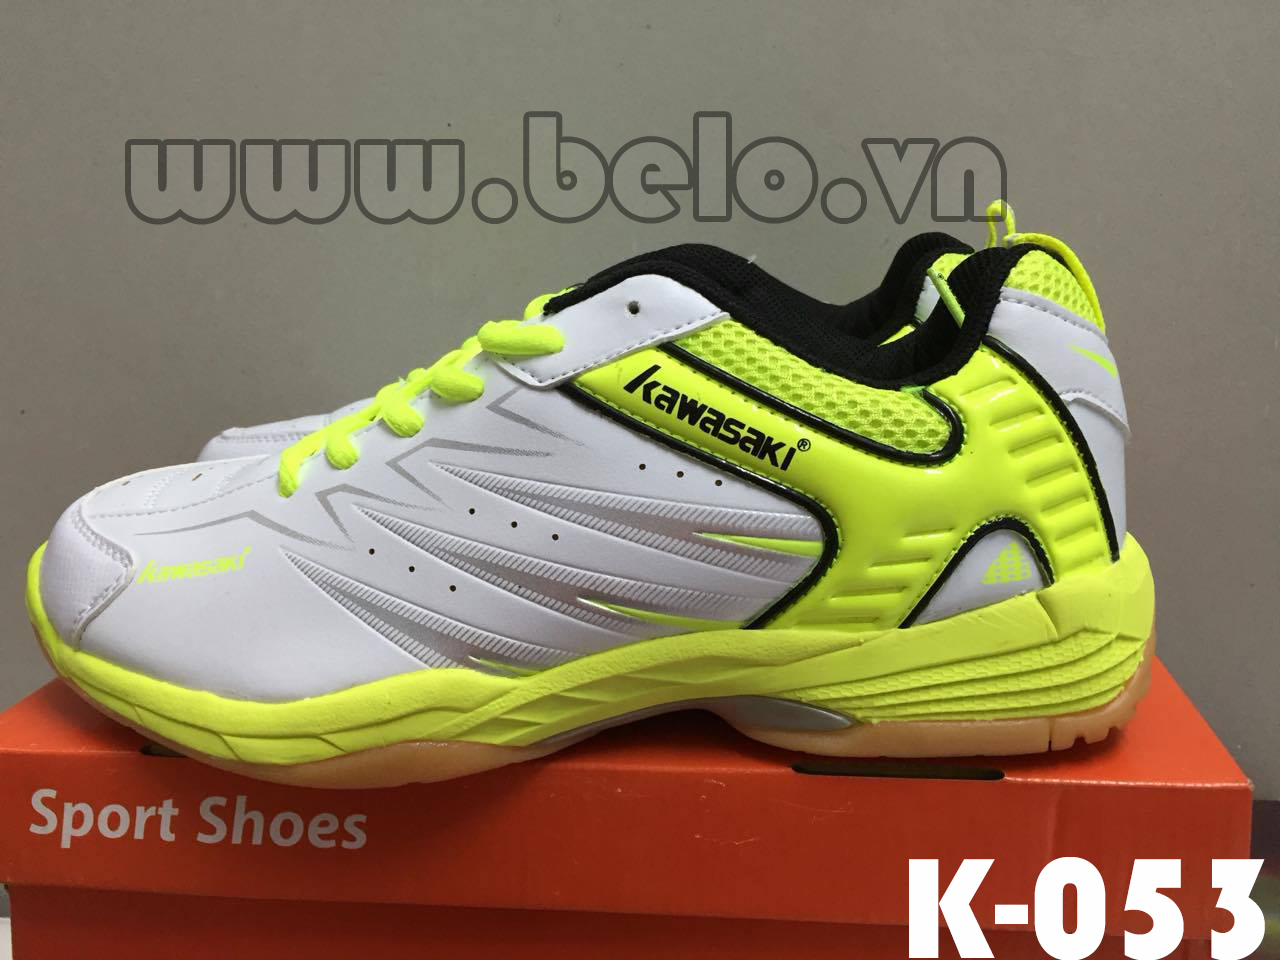 Giày bóng chuyền Kawasaki K-053 trắng pha vàng